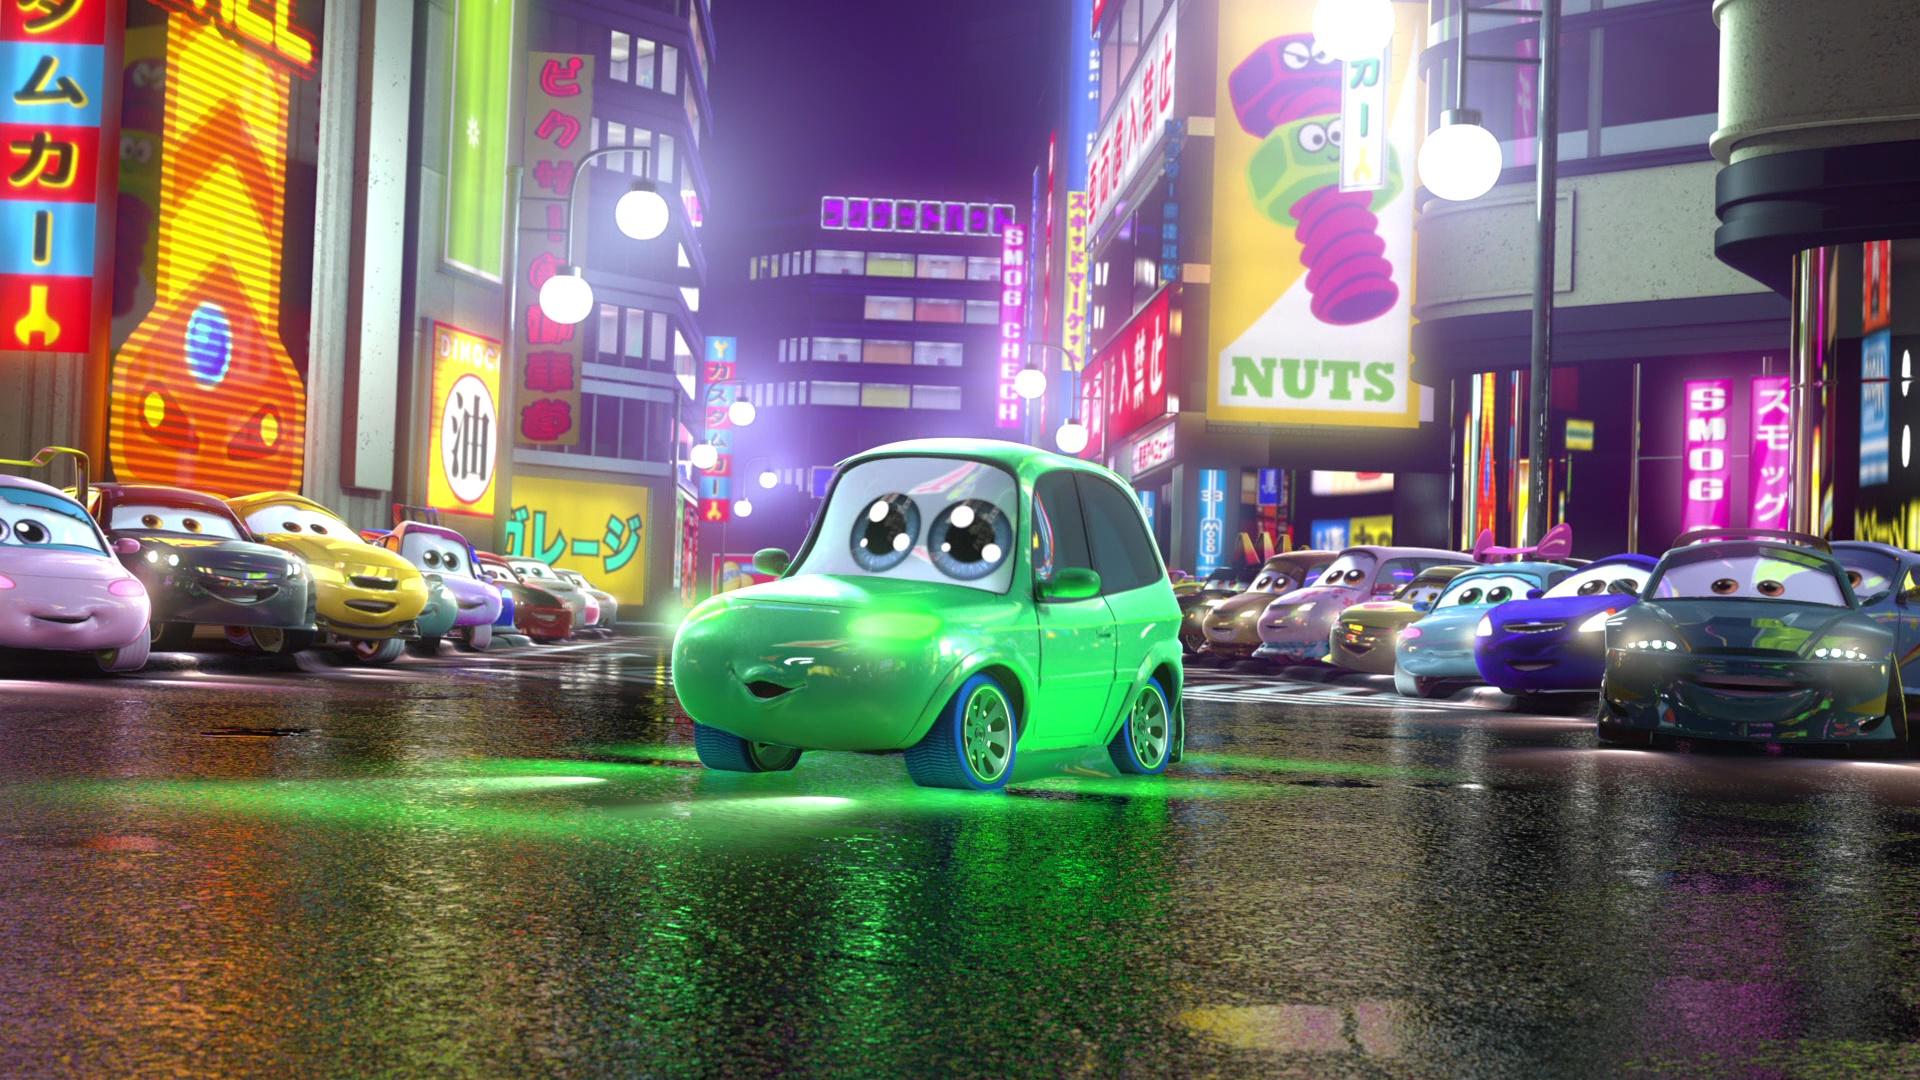 pixar disney personnage character cars toon martin tokyo mater ninja sanban